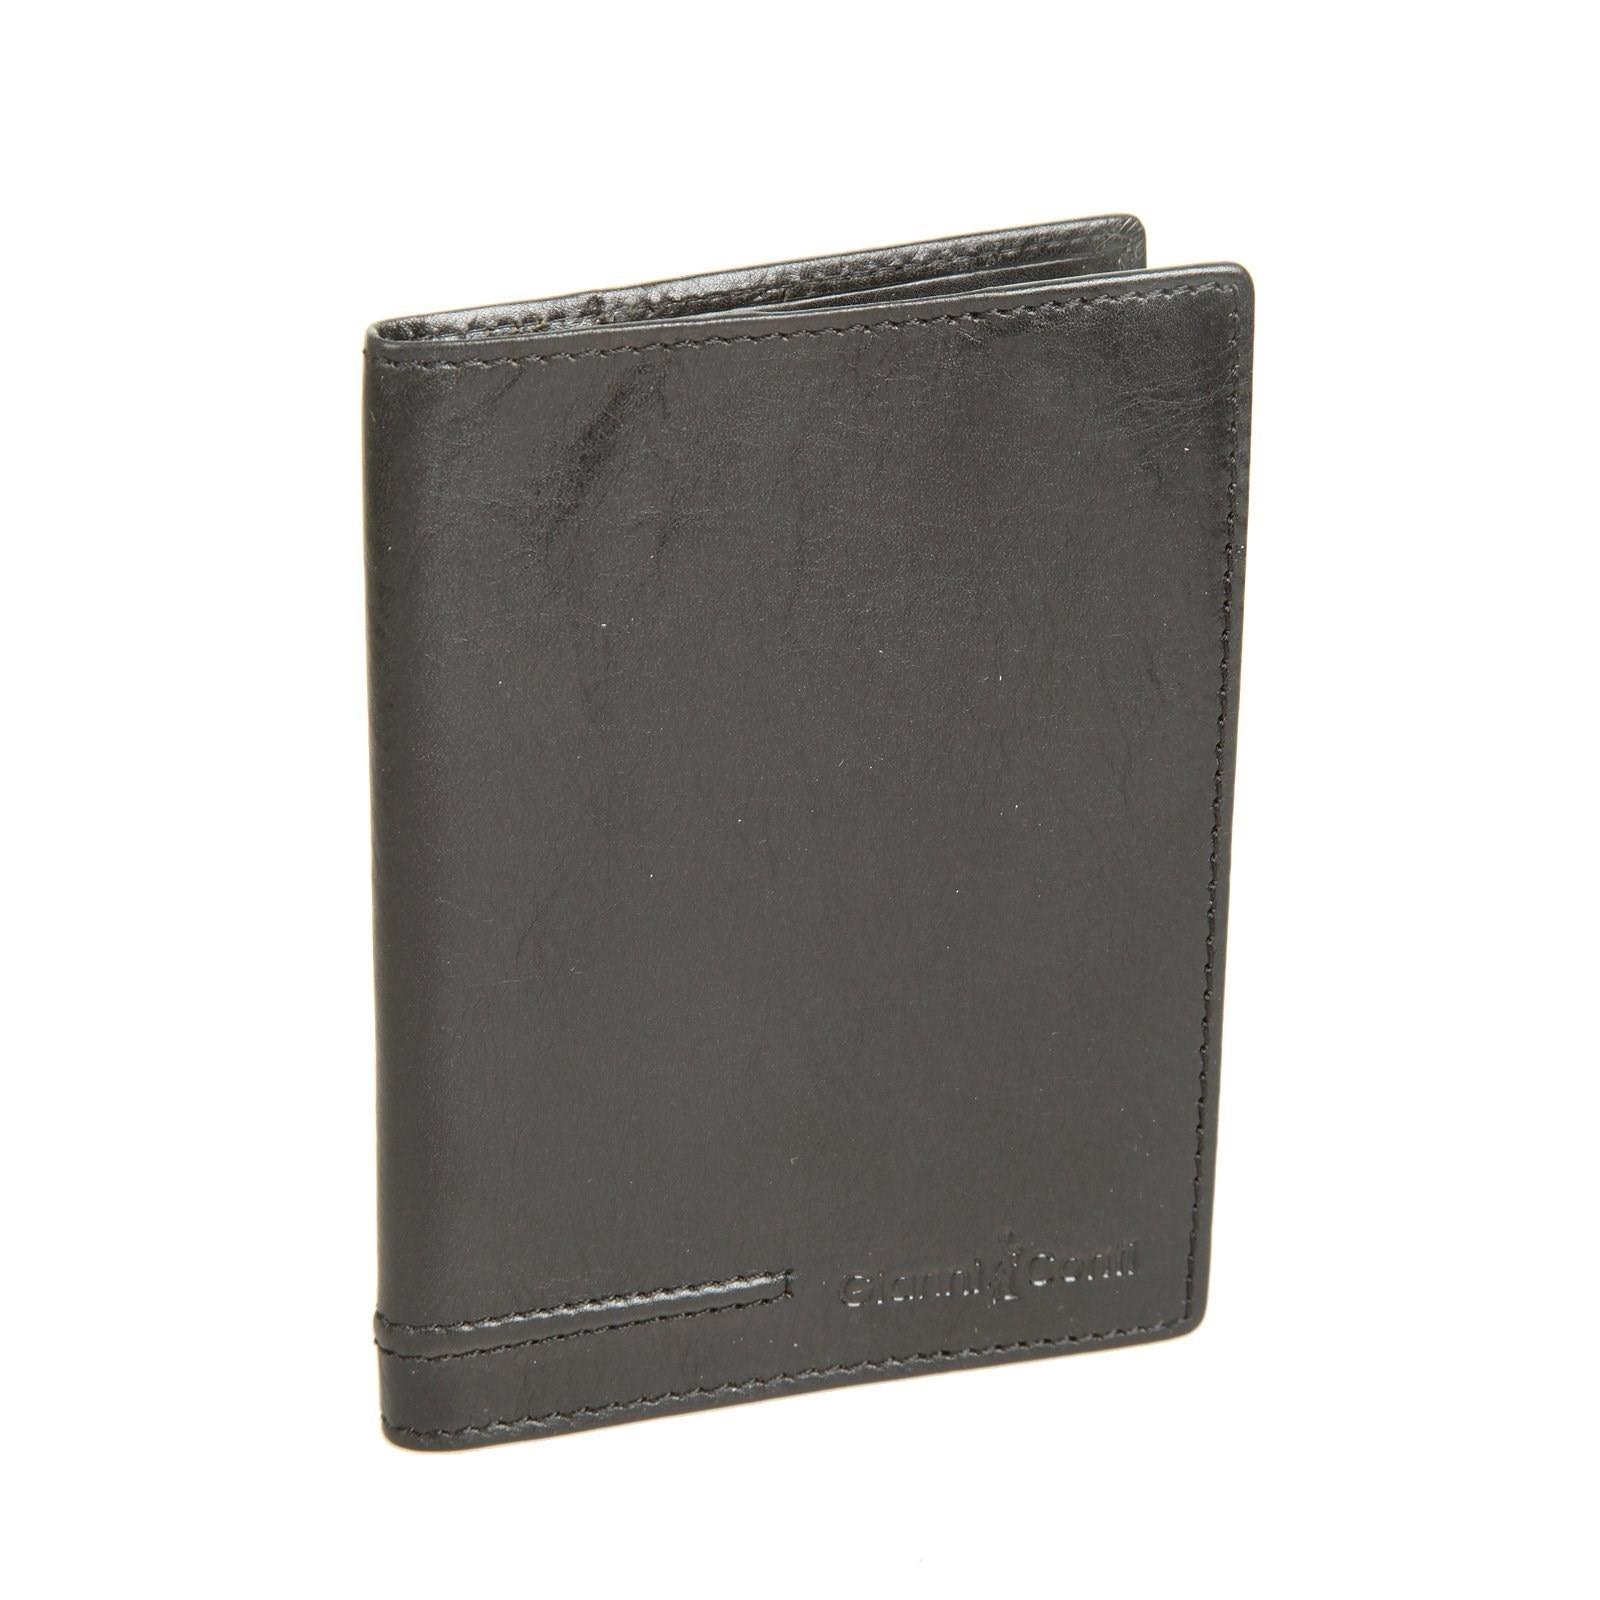 Cover for avtodokumentov Gianni Conti 707463 black cover for avtodokumentov gianni conti 1227455 black